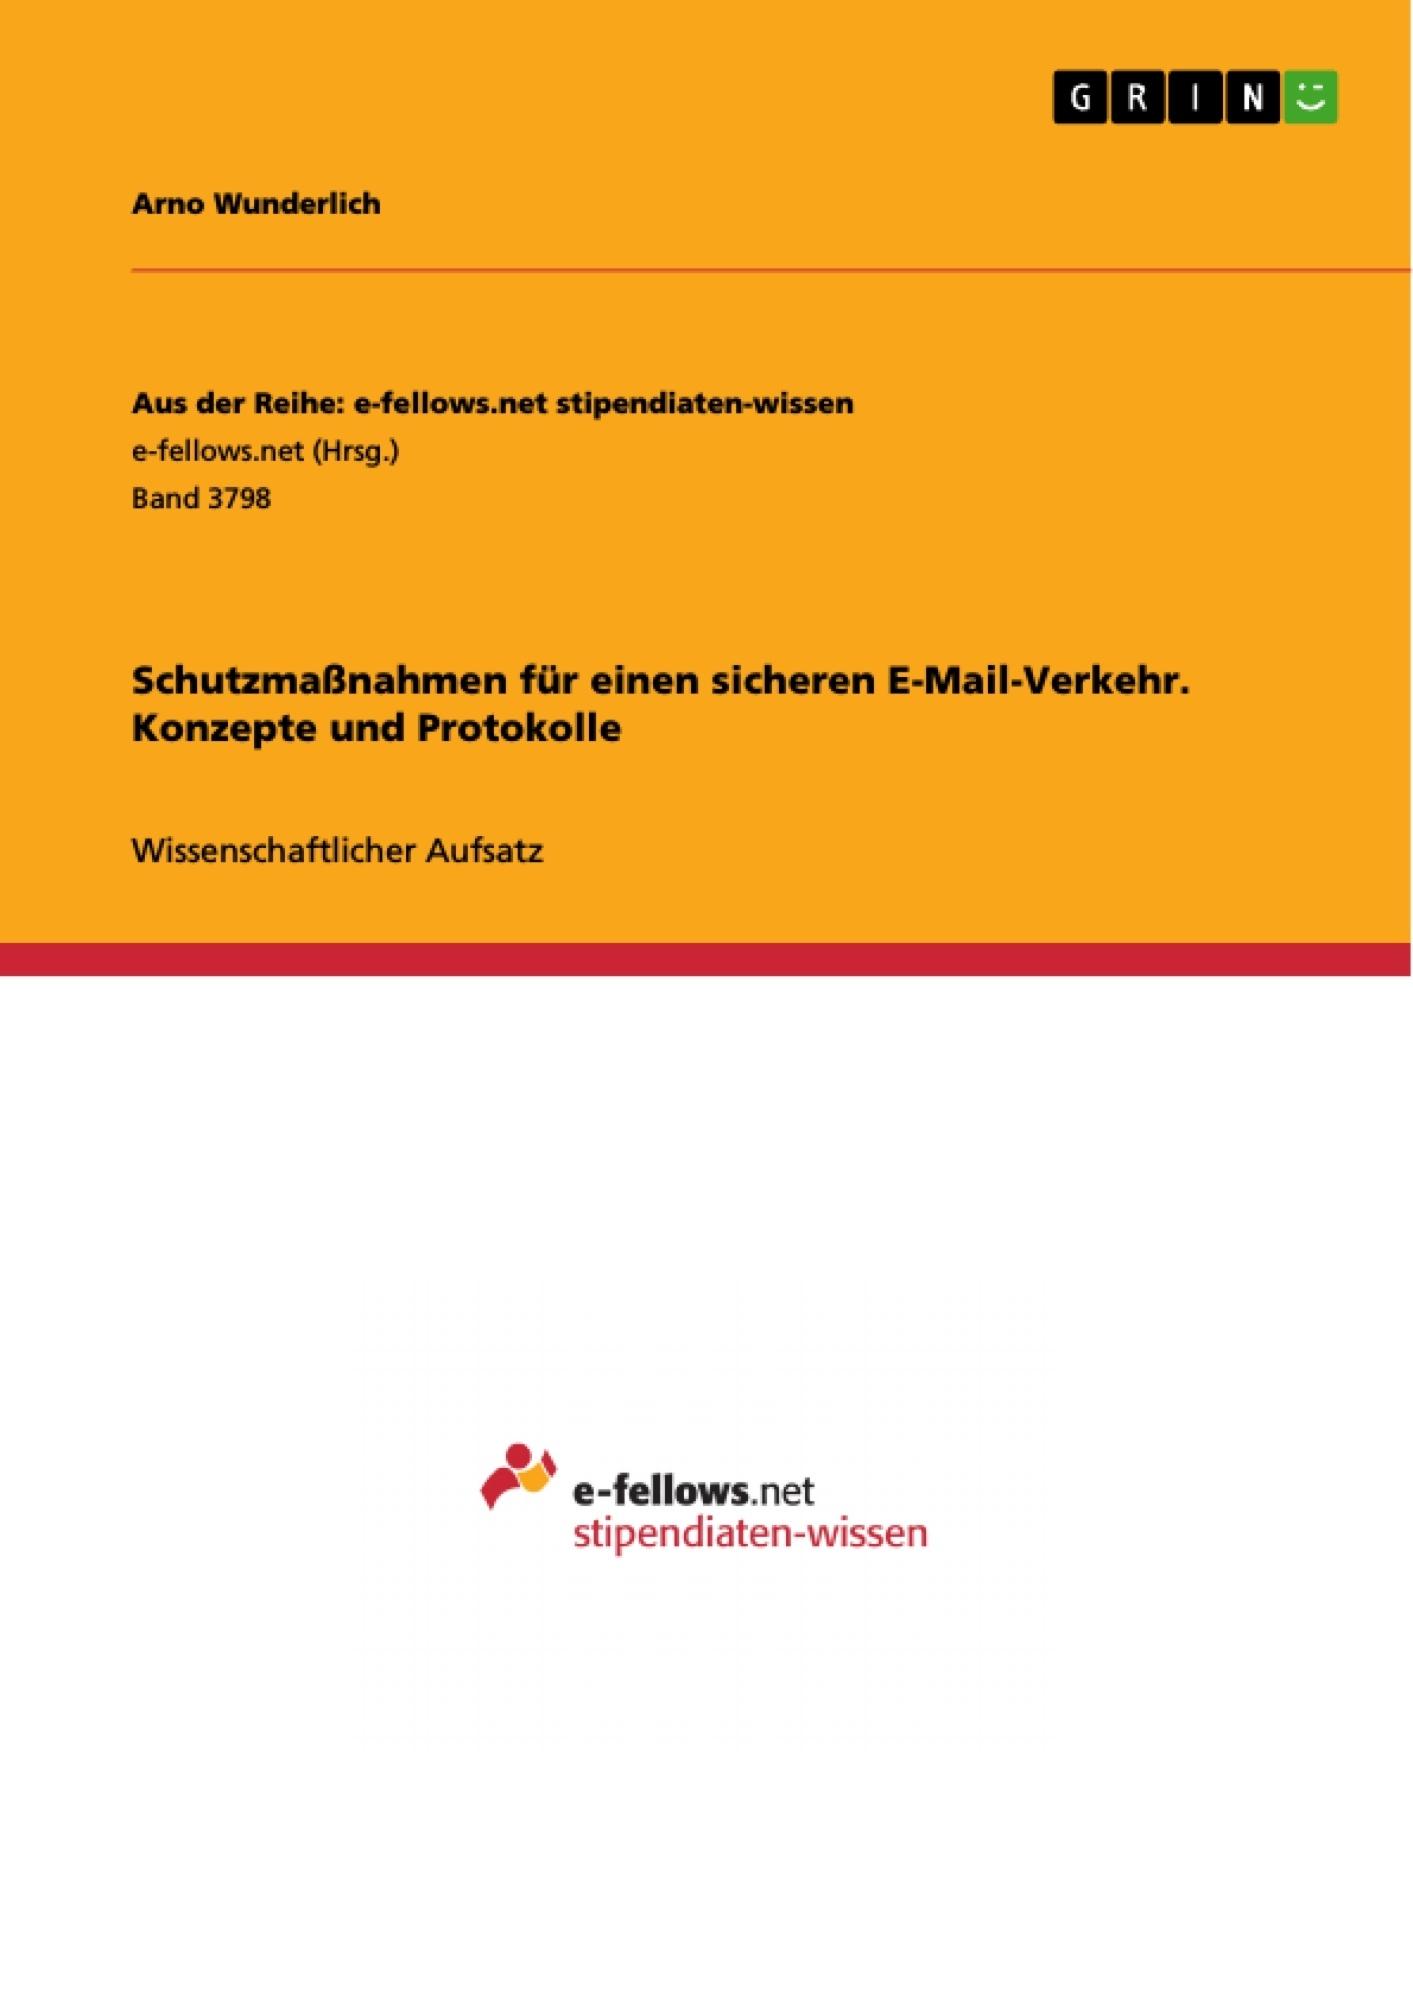 Titel: Schutzmaßnahmen für einen sicheren E-Mail-Verkehr. Konzepte und Protokolle